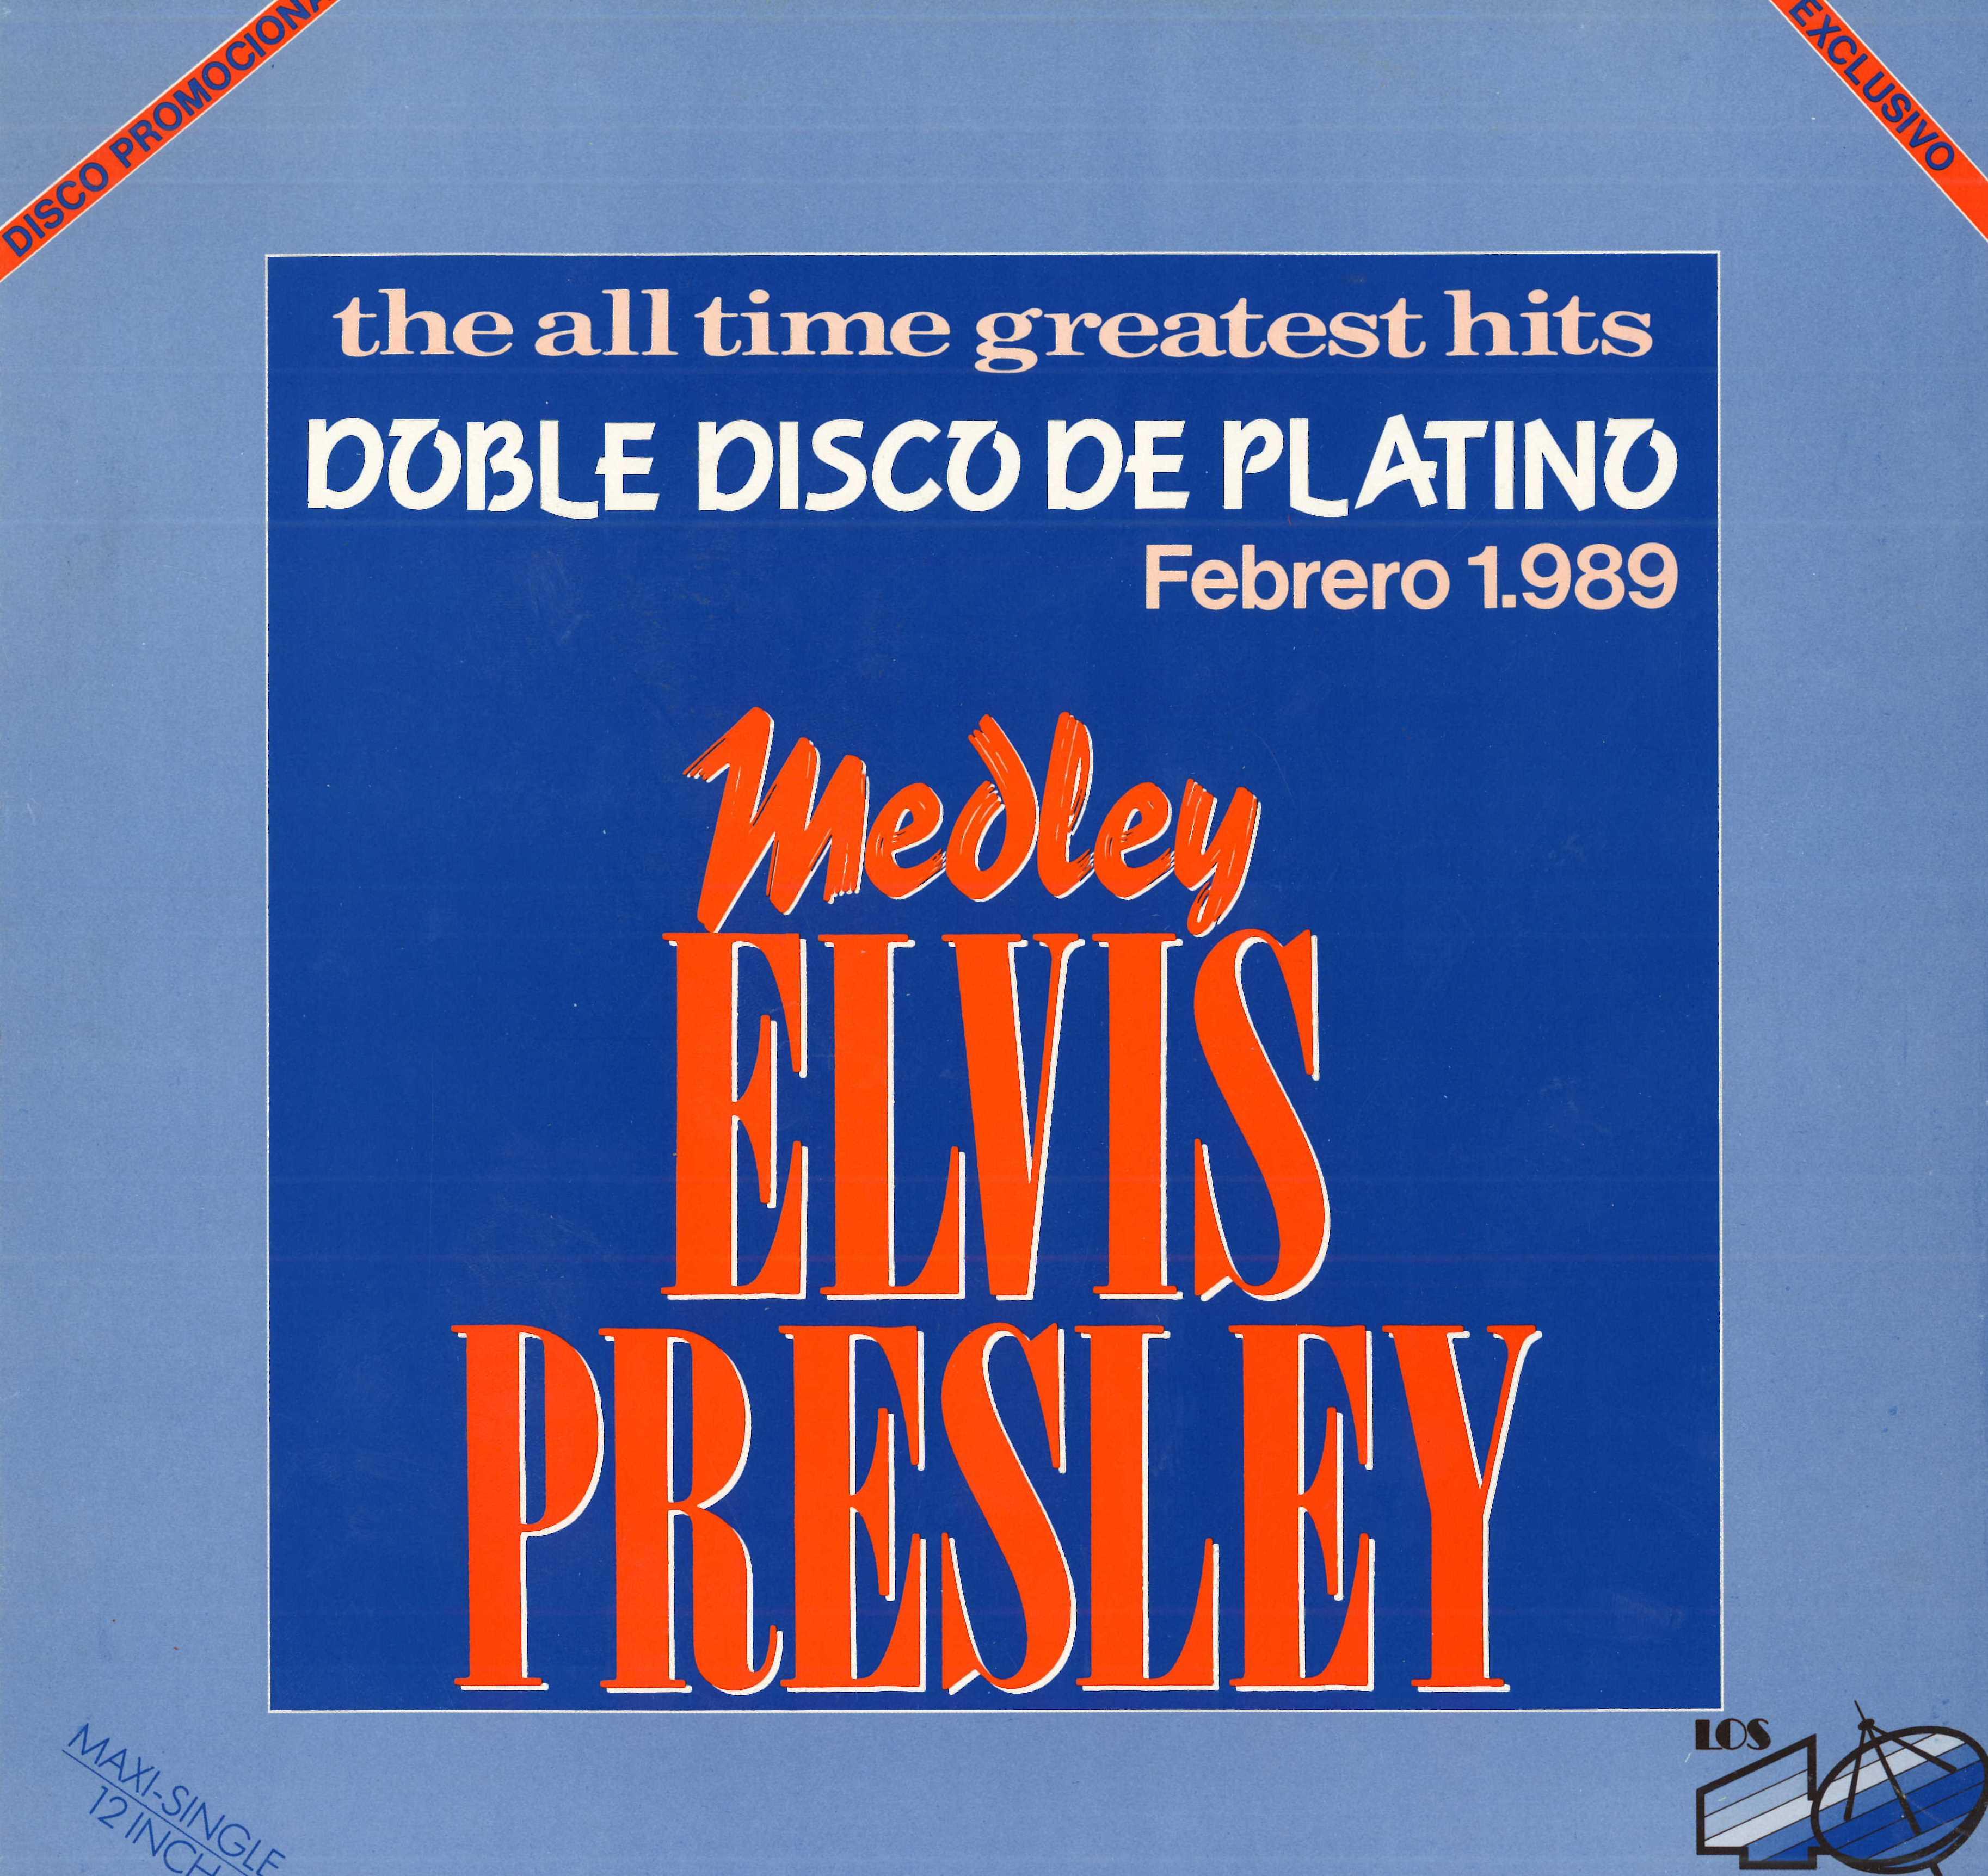 Medley Elvis Presley (Edición especial 40)